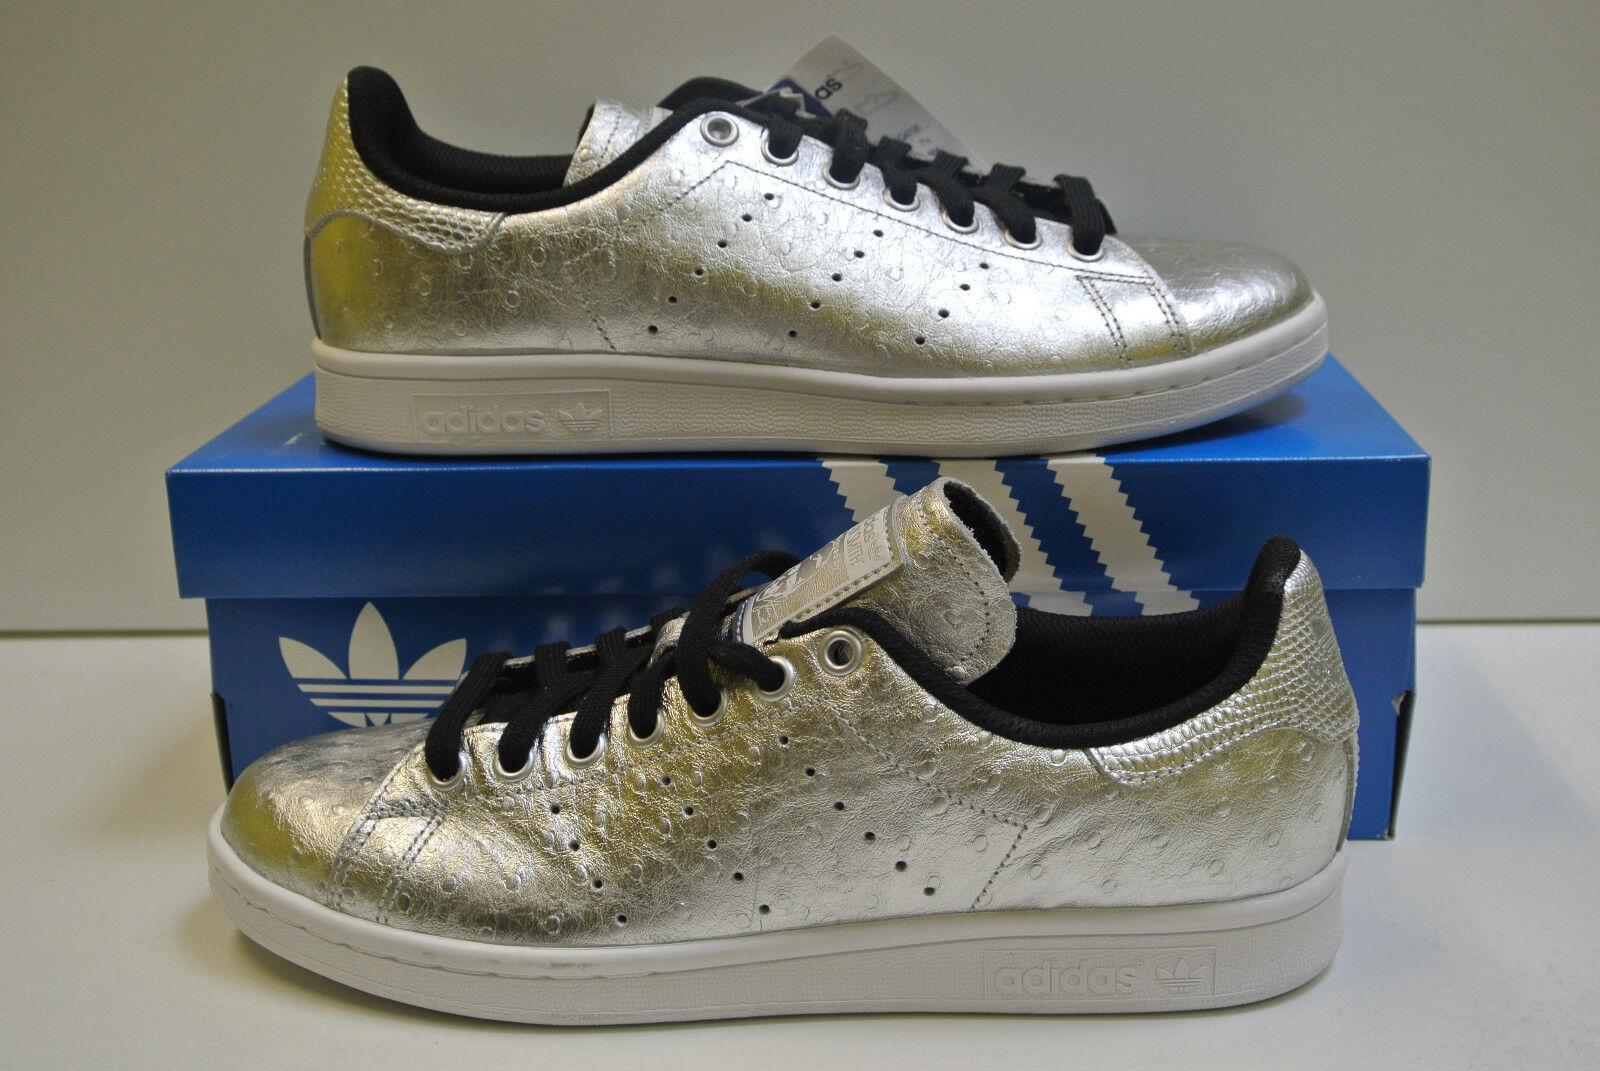 Zapatos de mujer baratos zapatos de mujer Adidas Stan Smith talla elegibles nuevo con embalaje original aq4706